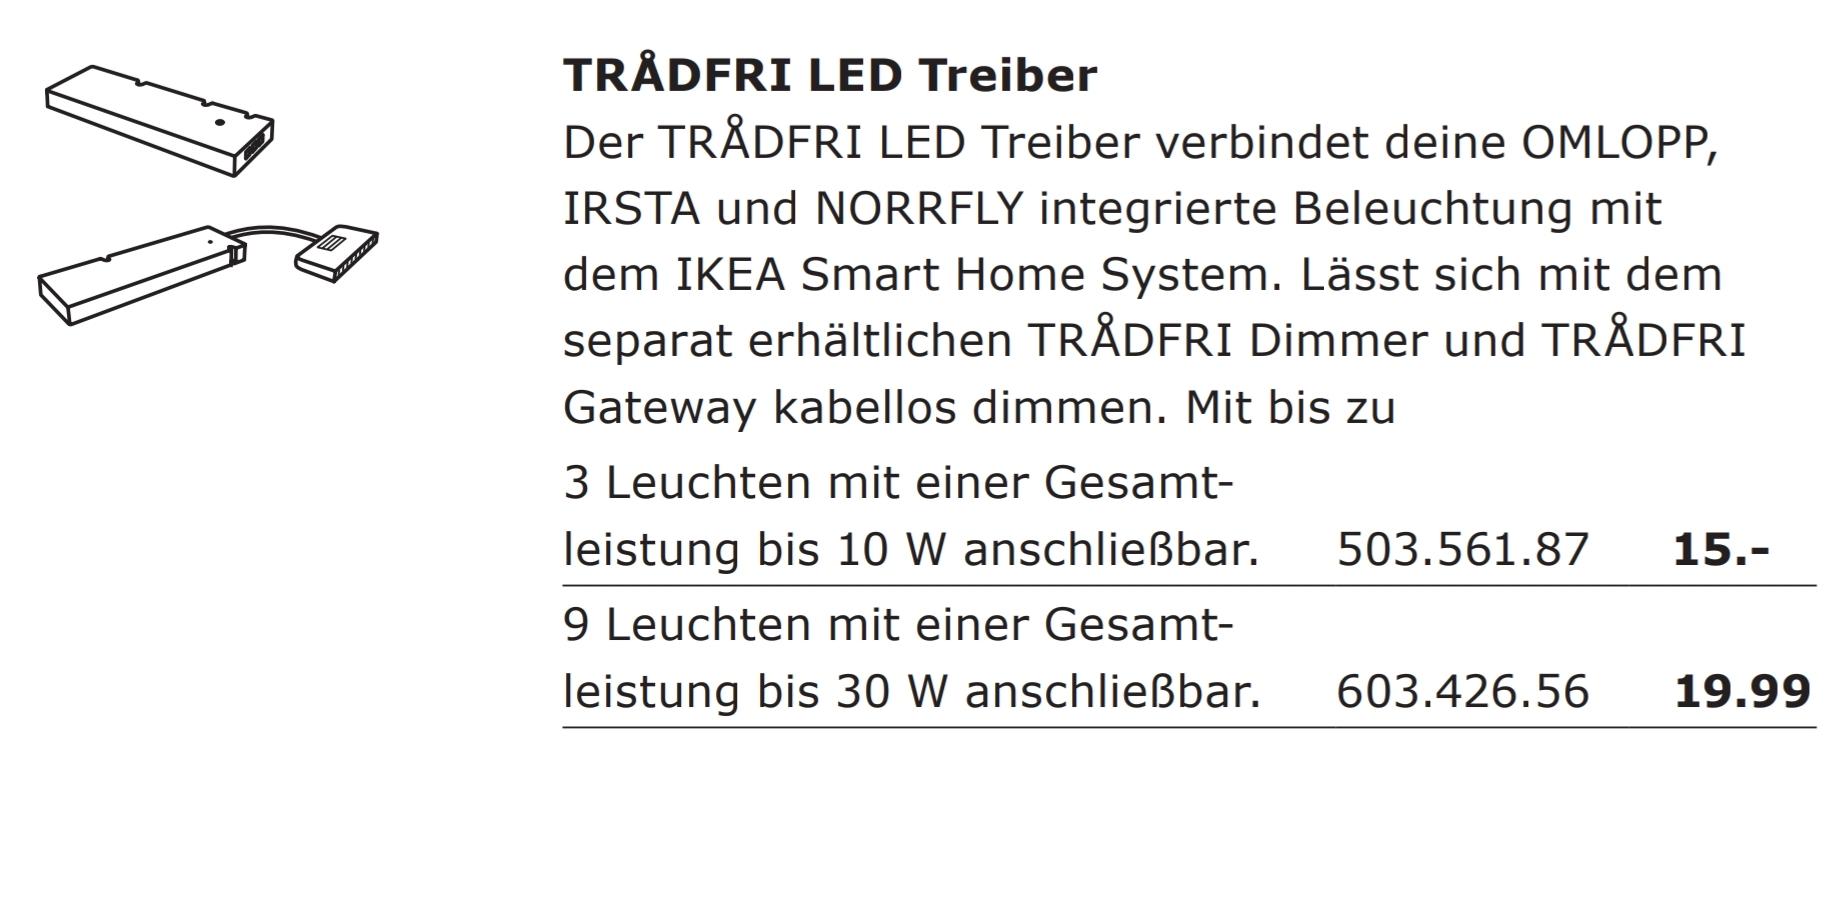 Neue Ikea LED Tranformatoren aus der Tradfri Serie - funktionieren ...